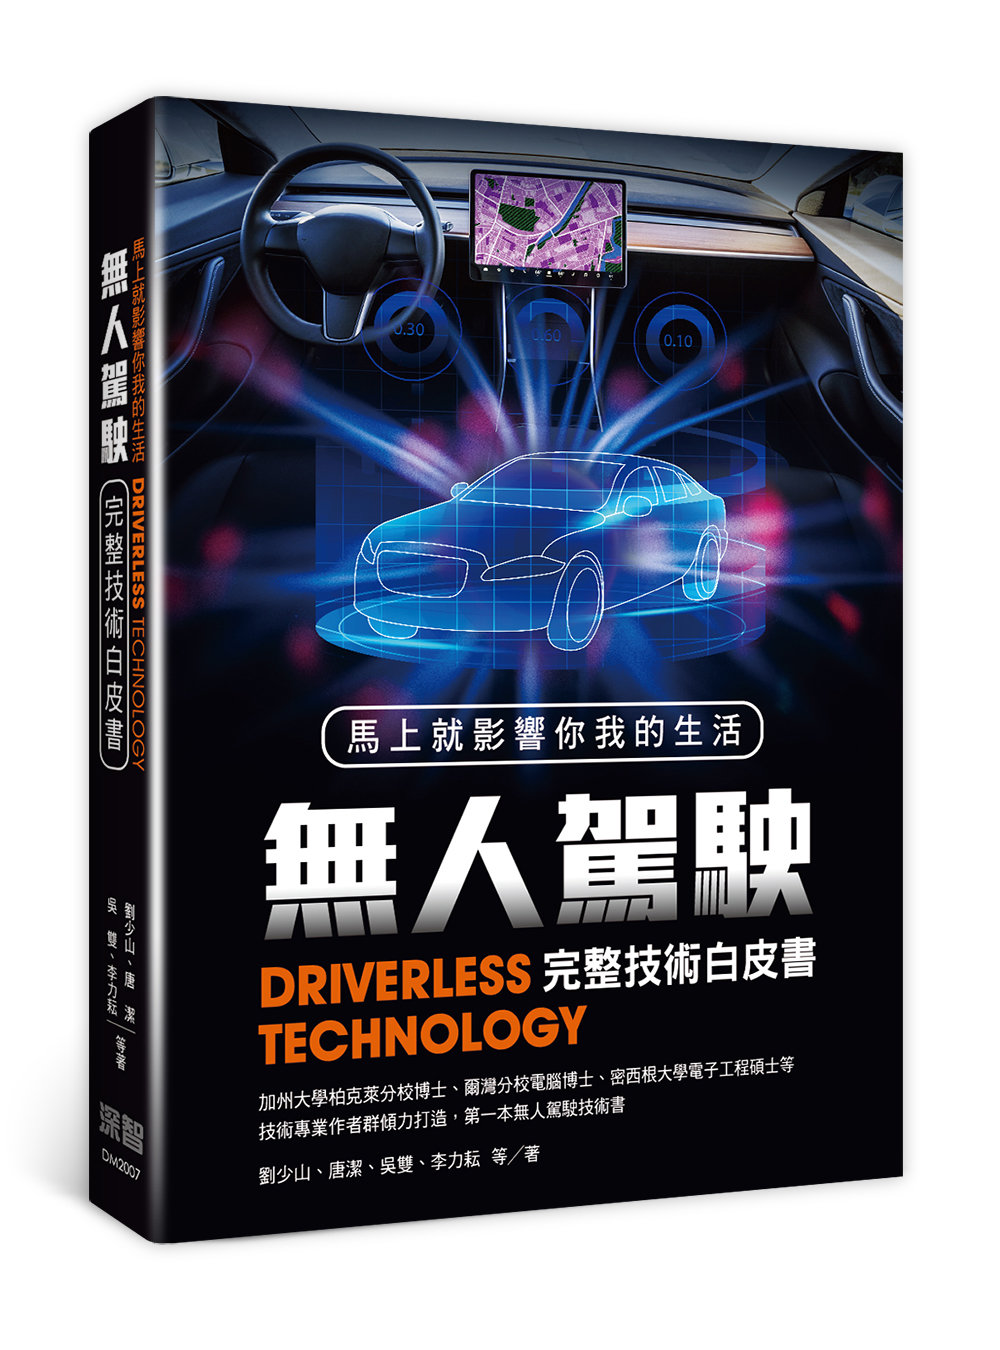 馬上就影響你我的生活:無人駕駛完整技術白皮書-preview-1